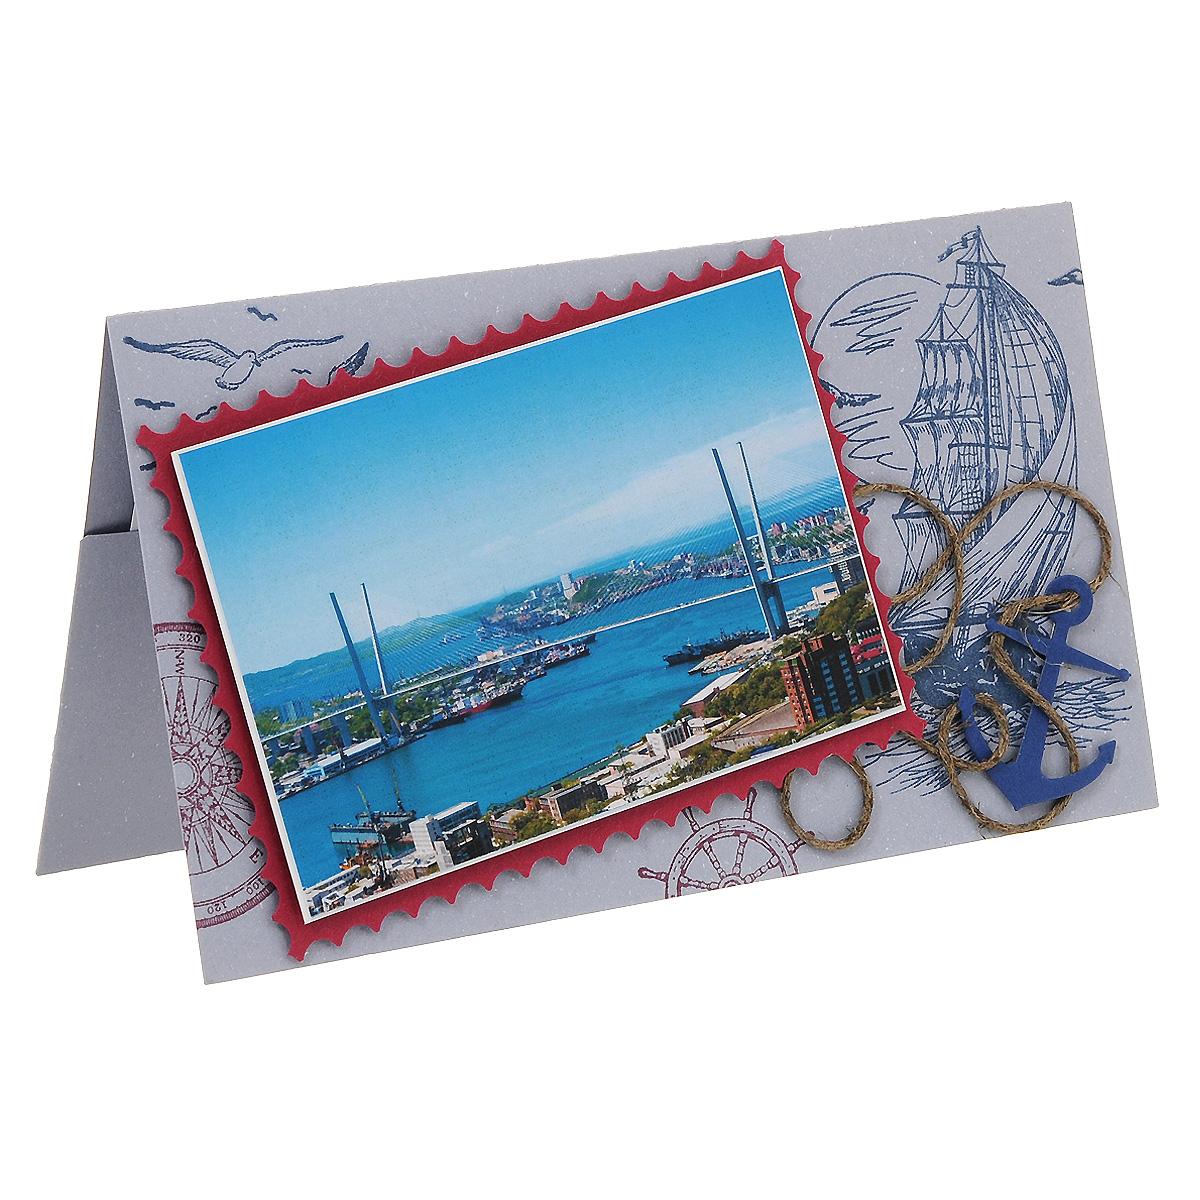 ОРАЗ-0004 Открытка-конверт «С наилучшими пожеланиями!» (Владивосток, мост «Золотой рог»). Студия «Тётя Роза»Винтажные открытки №97Характеристики: Размер 19 см x 11 см. Материал: Высоко-художественный картон, бумага, декор. Данная открытка может стать как прекрасным дополнением к вашему подарку, так и самостоятельным подарком. Так как открытка является и конвертом в который вы можете вложить ваш денежный подарок или просто написать ваши пожелания на вкладыше. Стильная открытка из чудесного и удивительного по своей неповторимости города на самом краешке земли. В ней – запах морского соленого ветра, и динамичность современной жизни. Отсутствие принадлежности к какому-либо отдельному событию делают ее универсальным поздравлением, или же просто «Приветом для дорогого человека!». Также открытка упакована в пакетик для сохранности. Обращаем Ваше внимание на то, что открытка может незначительно отличаться от представленной на фото.